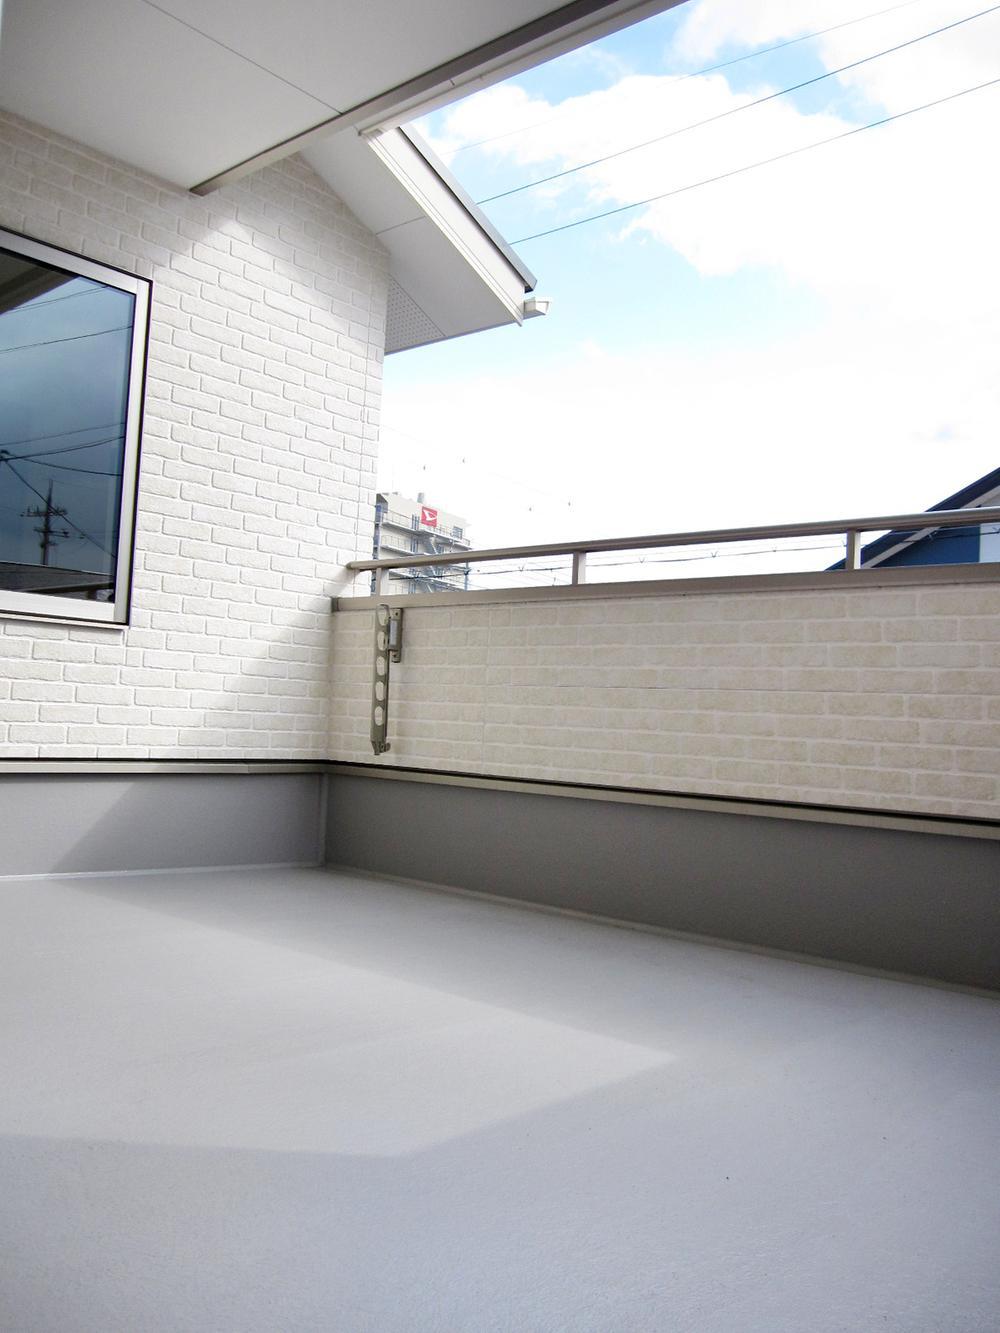 制震装置MIRAIE装備 地震に強い家 太陽光発電搭載! Ⅰ期 25号地 建物ご見学していただけます♪